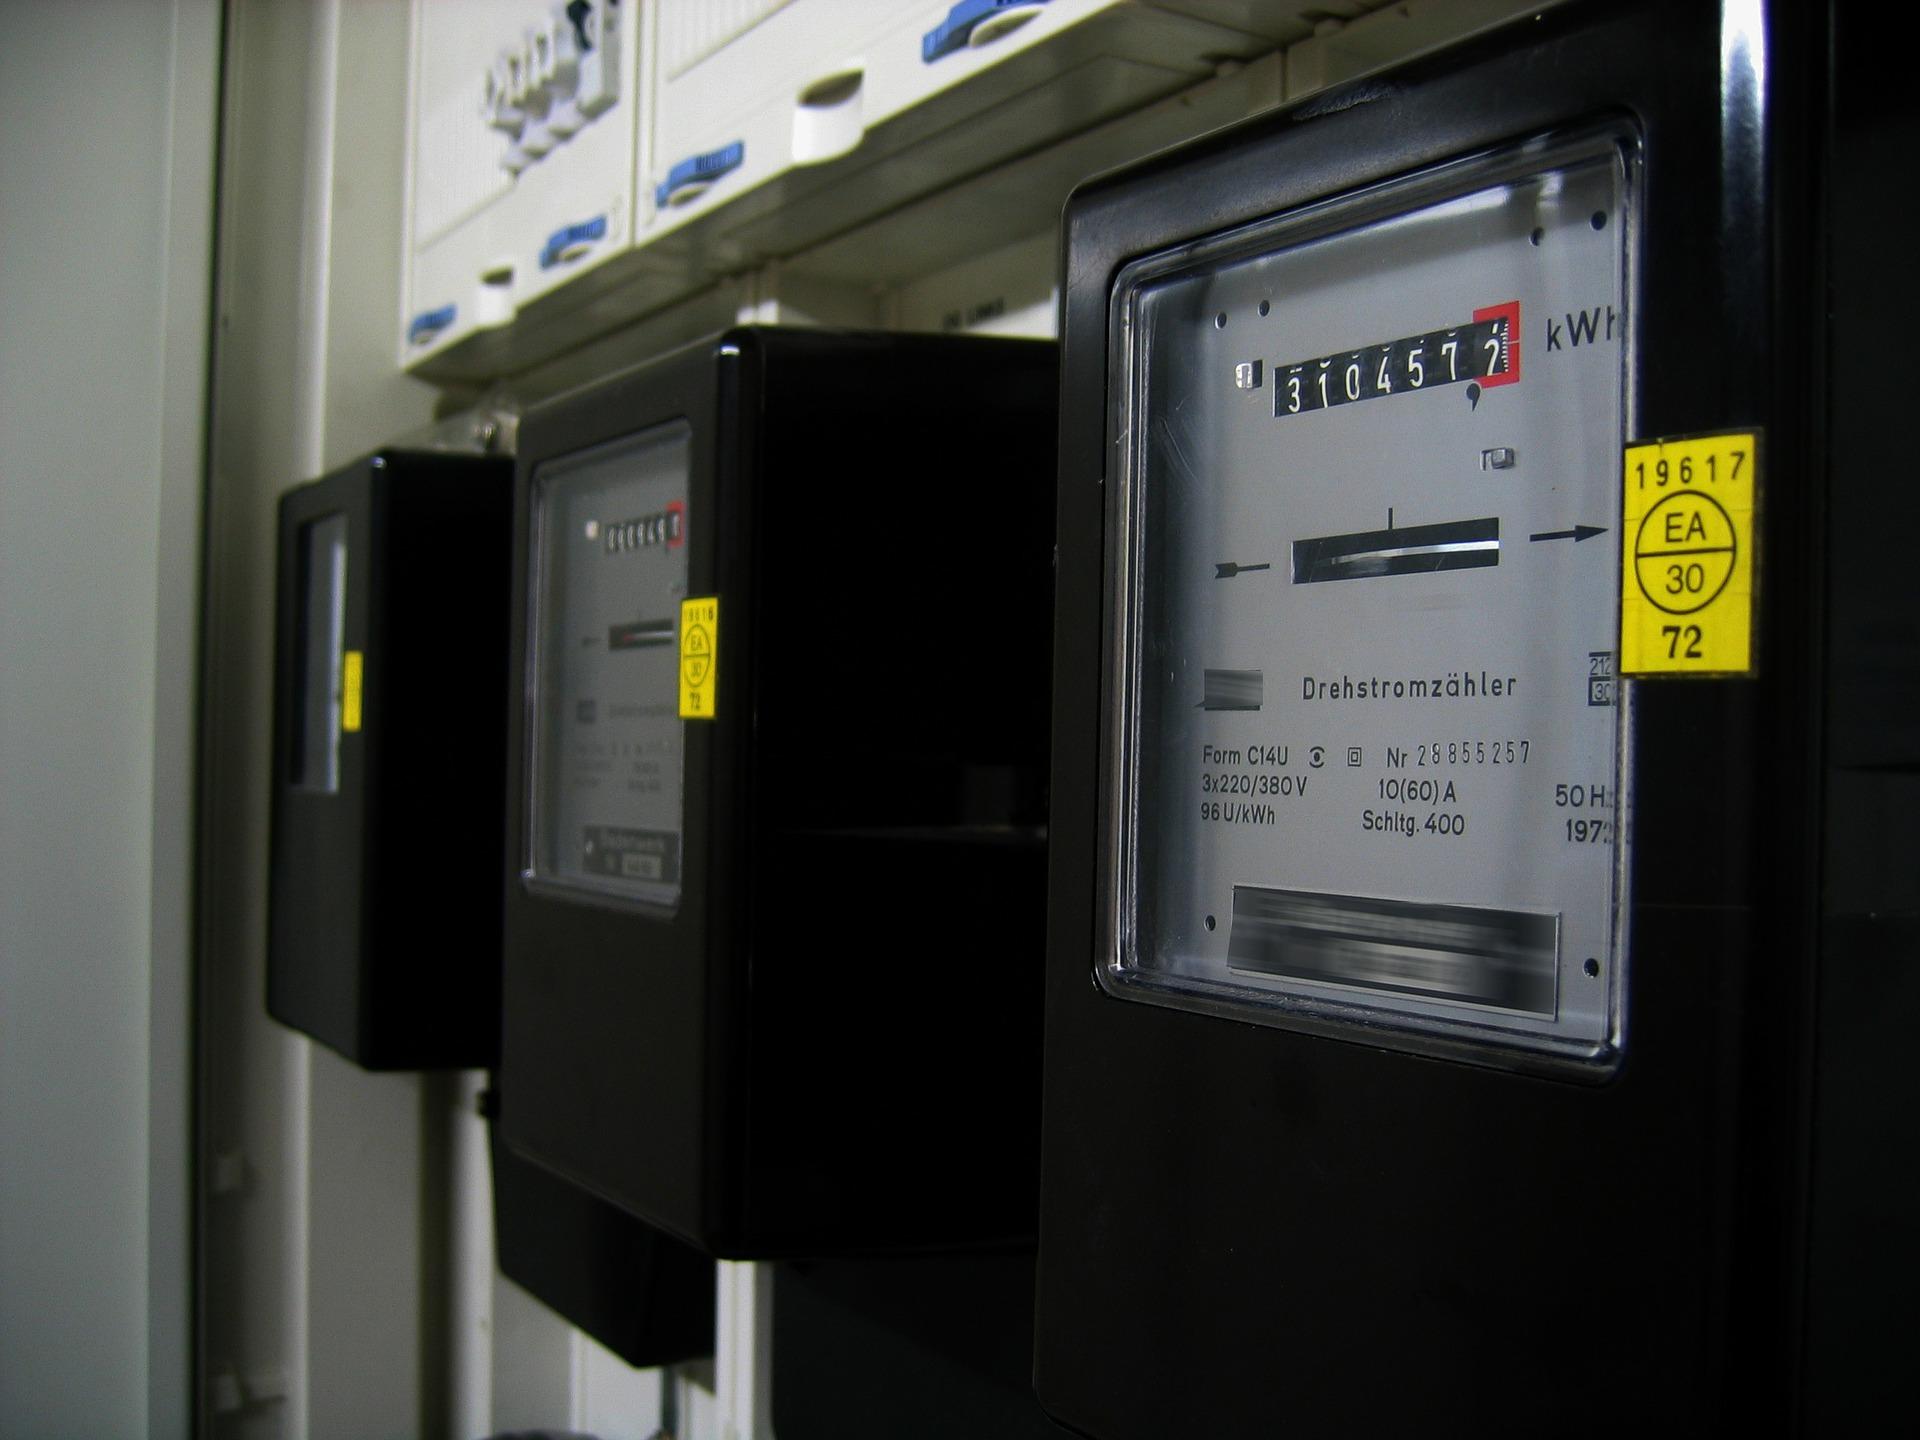 Računi za struju uskoro bi se mogli povećati